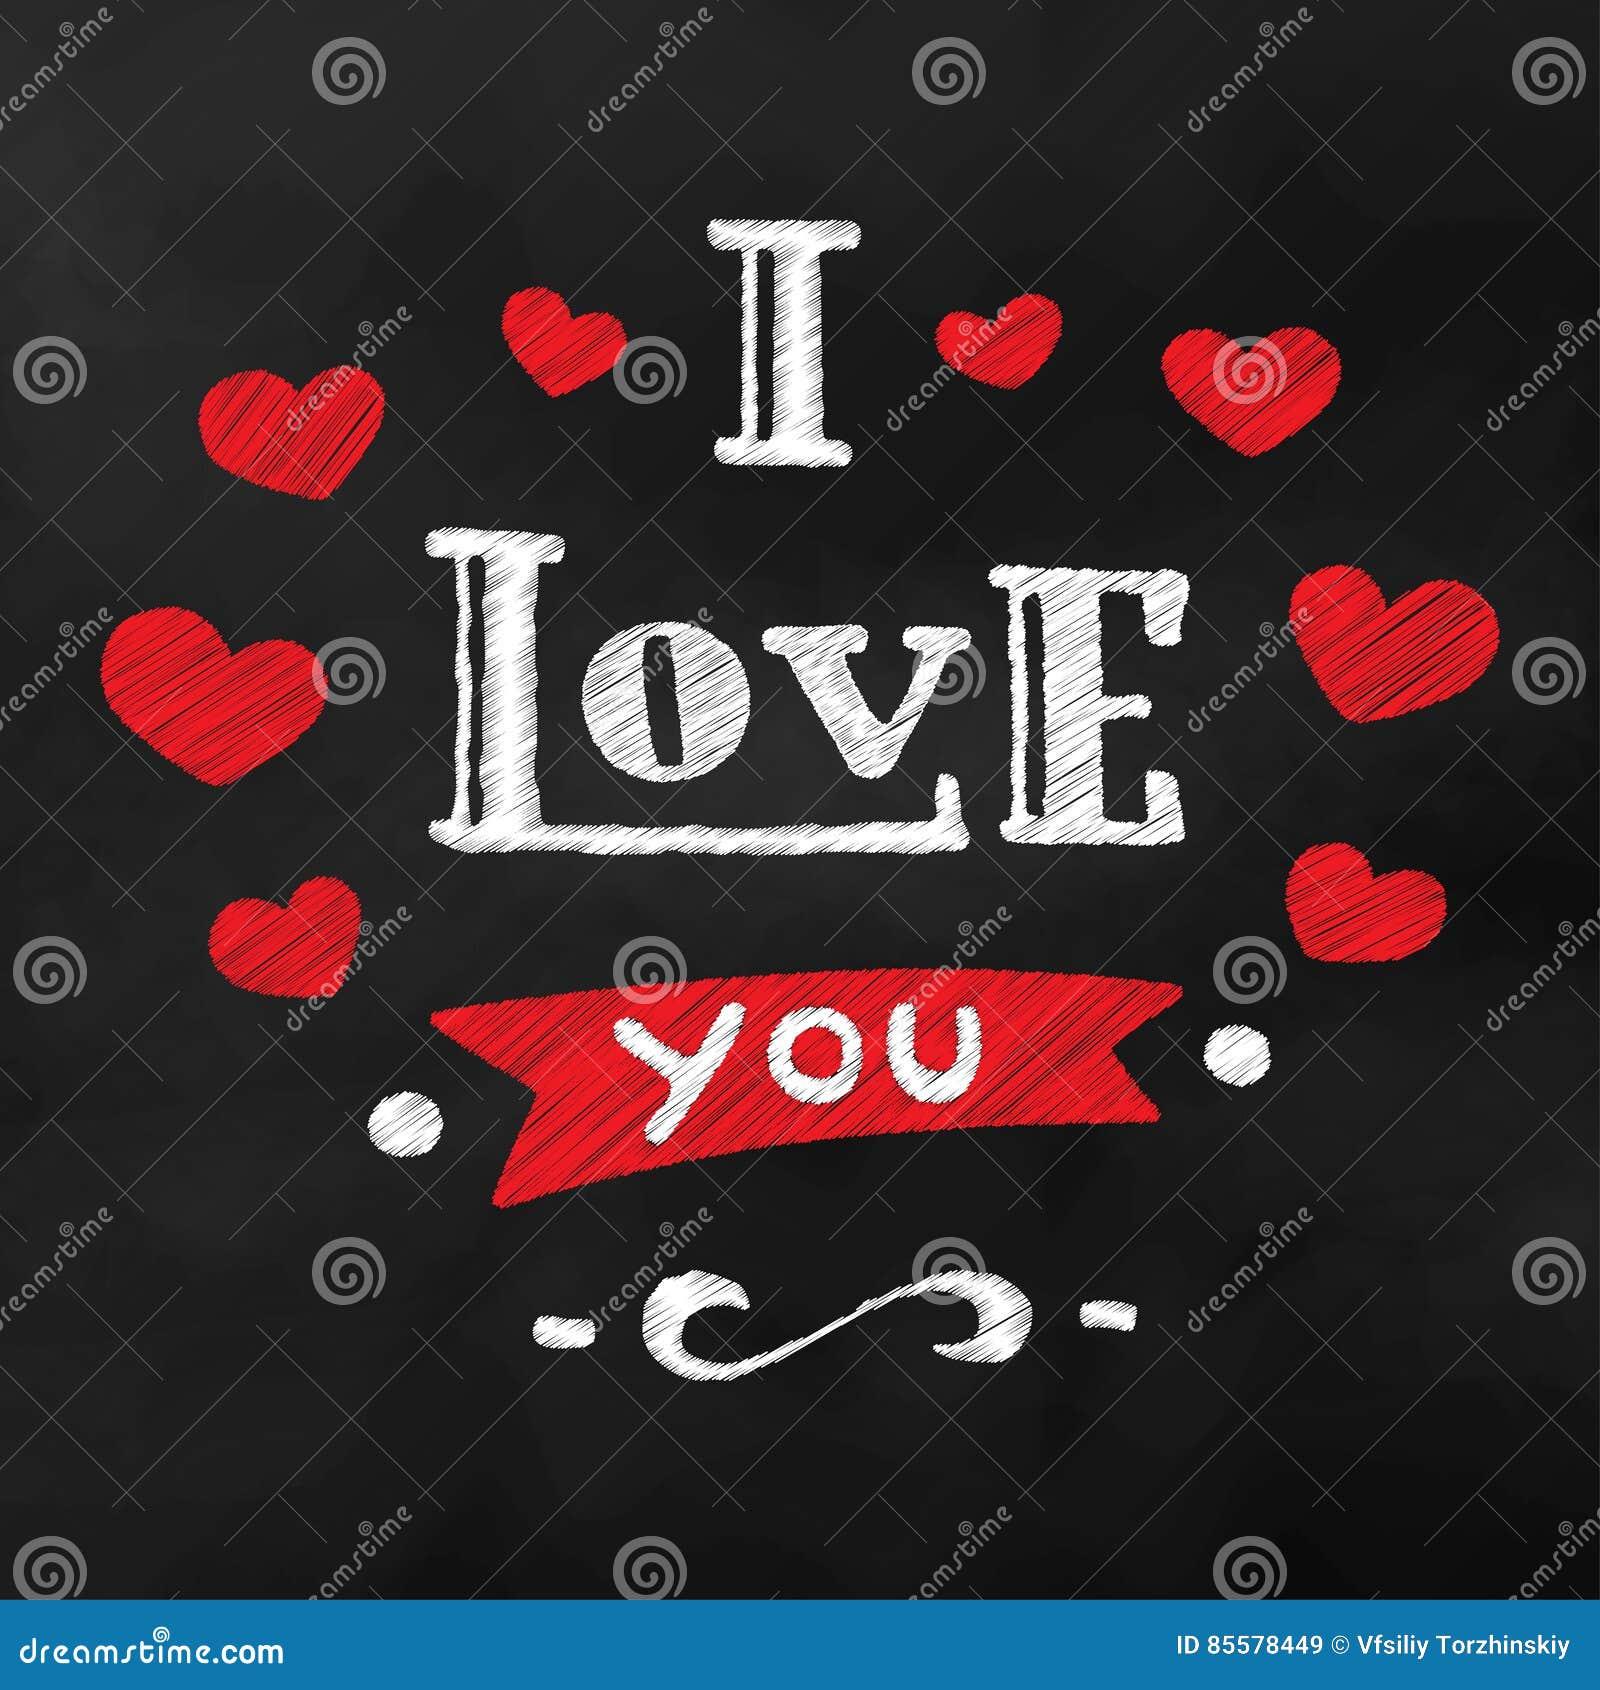 Liebe dich schöne bilder ich Ich Liebe